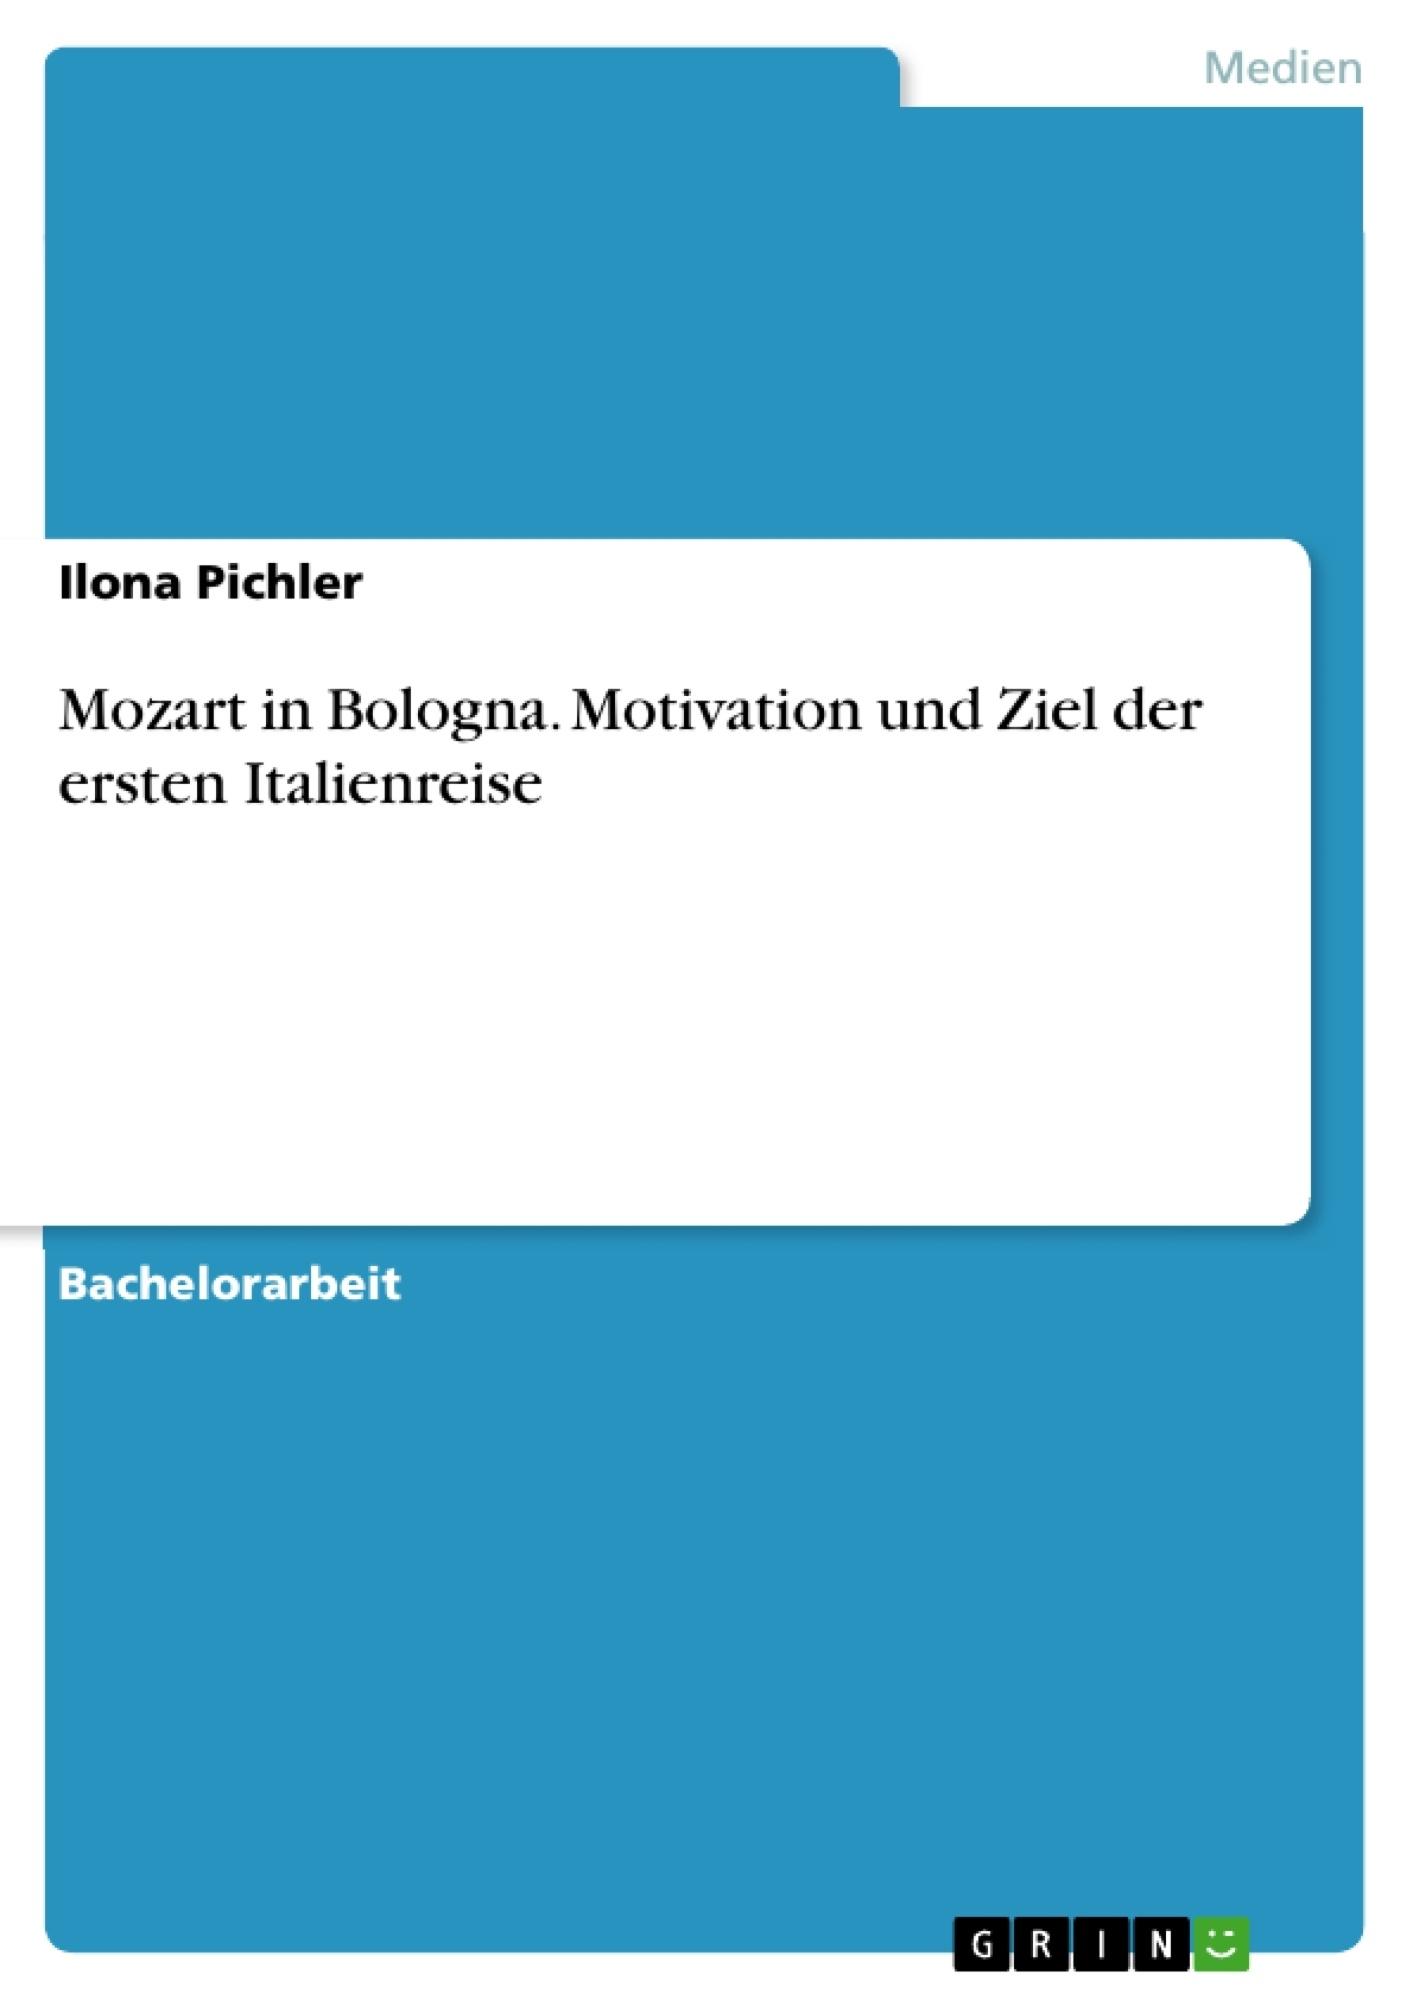 Titel: Mozart in Bologna. Motivation und Ziel der ersten Italienreise